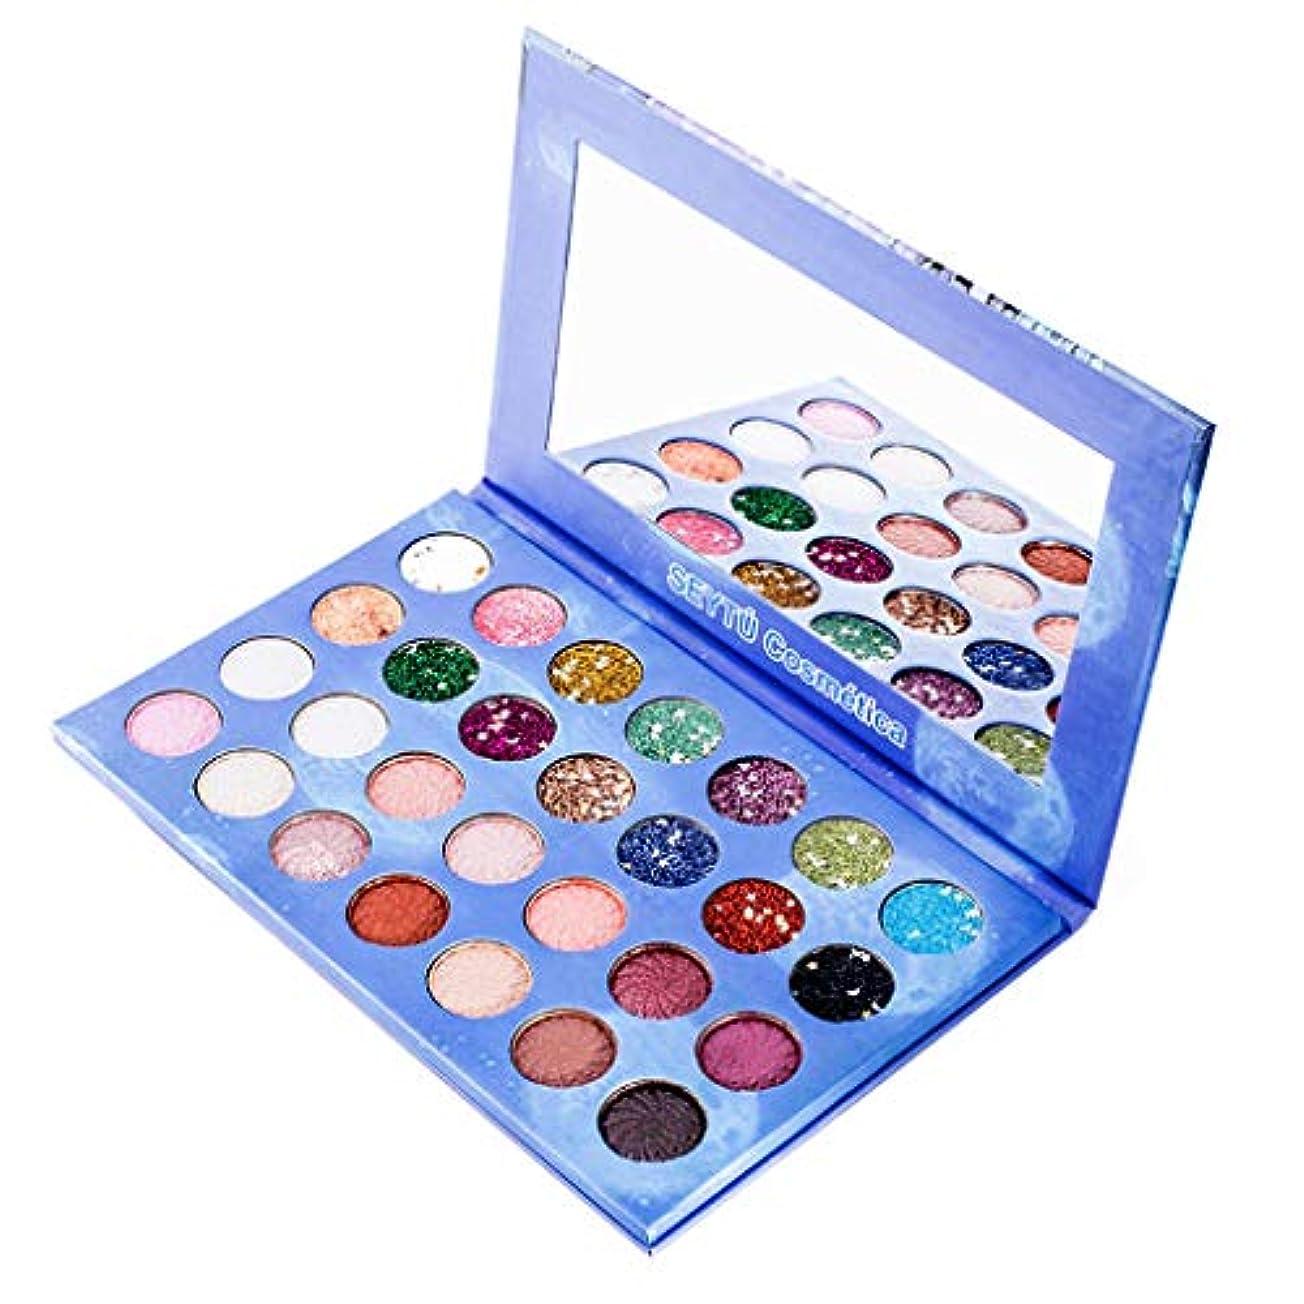 アニメーション鎮痛剤ブランド28色シマーマットアイシャドウアイシャドウパレットプロ化粧品メイクアップツール